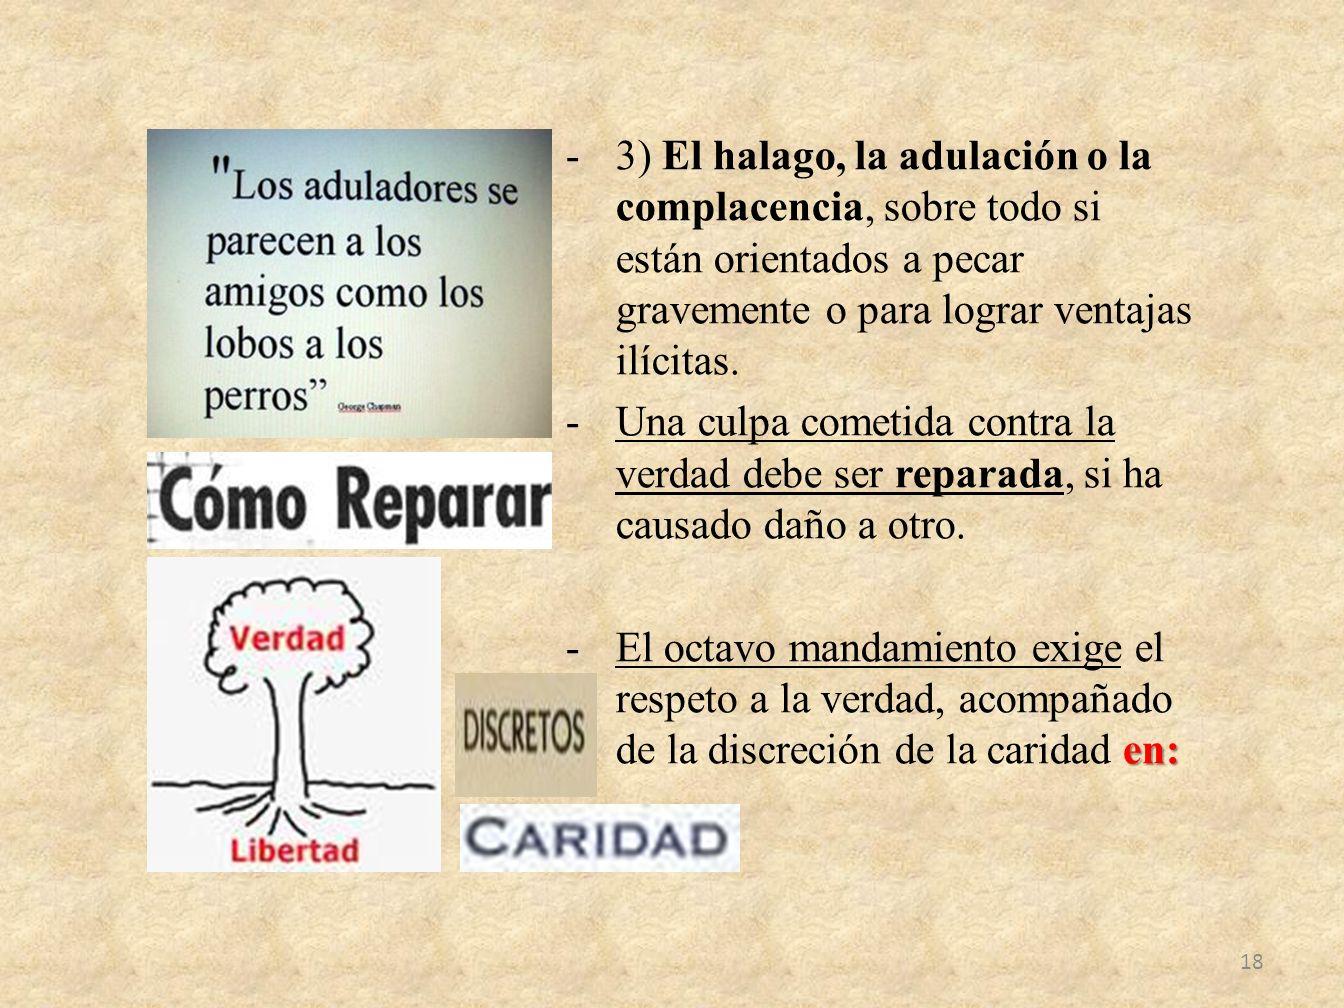 -3) El halago, la adulación o la complacencia, sobre todo si están orientados a pecar gravemente o para lograr ventajas ilícitas. -Una culpa cometida